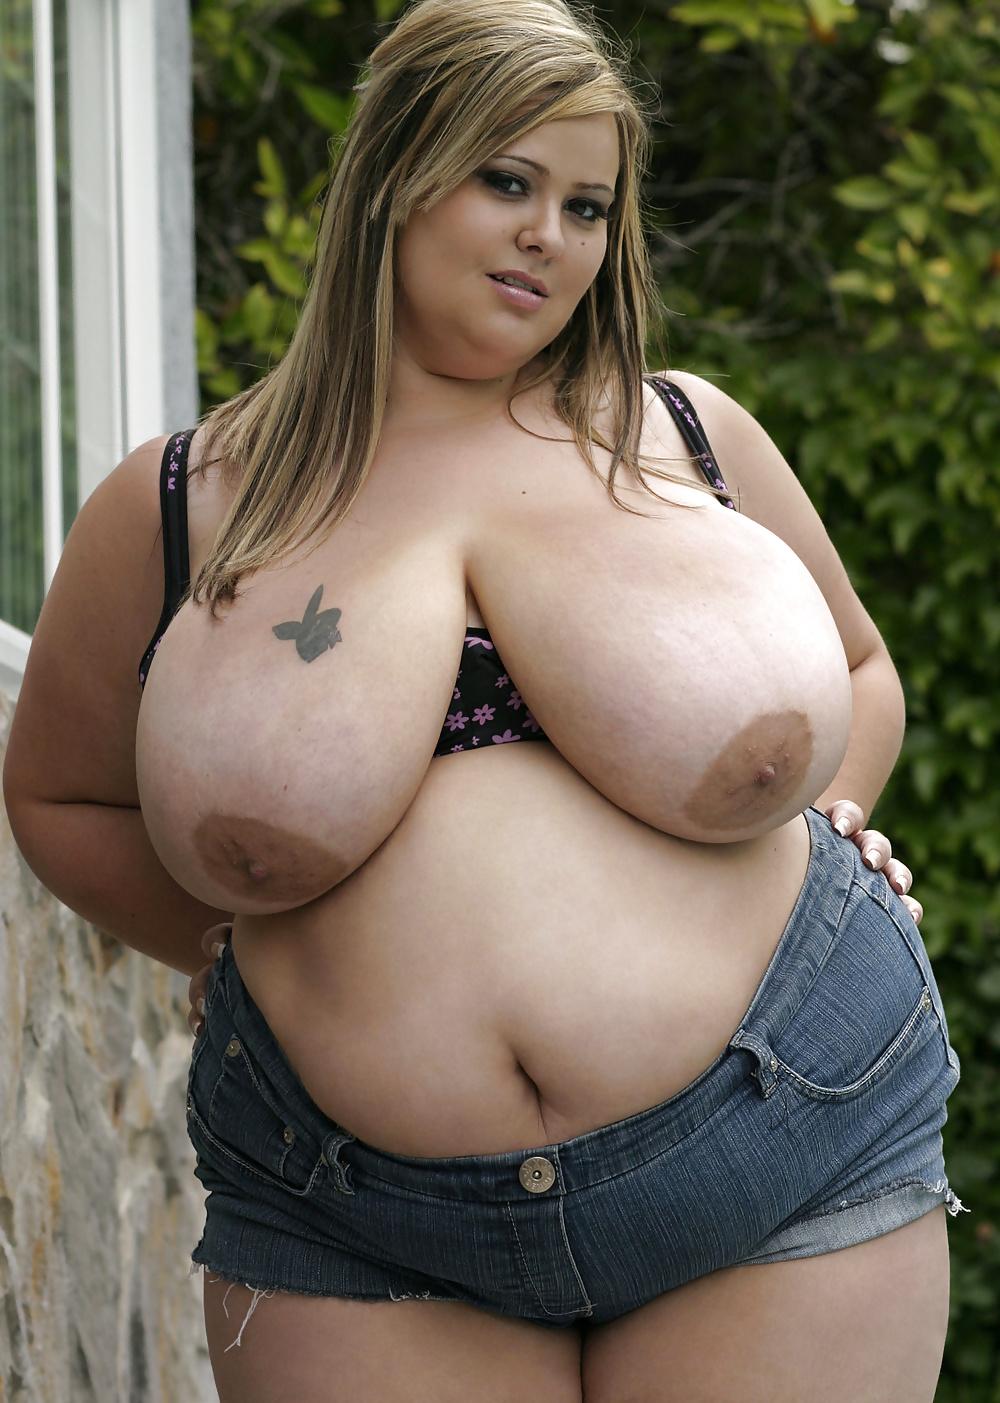 Boobs donna pics photos